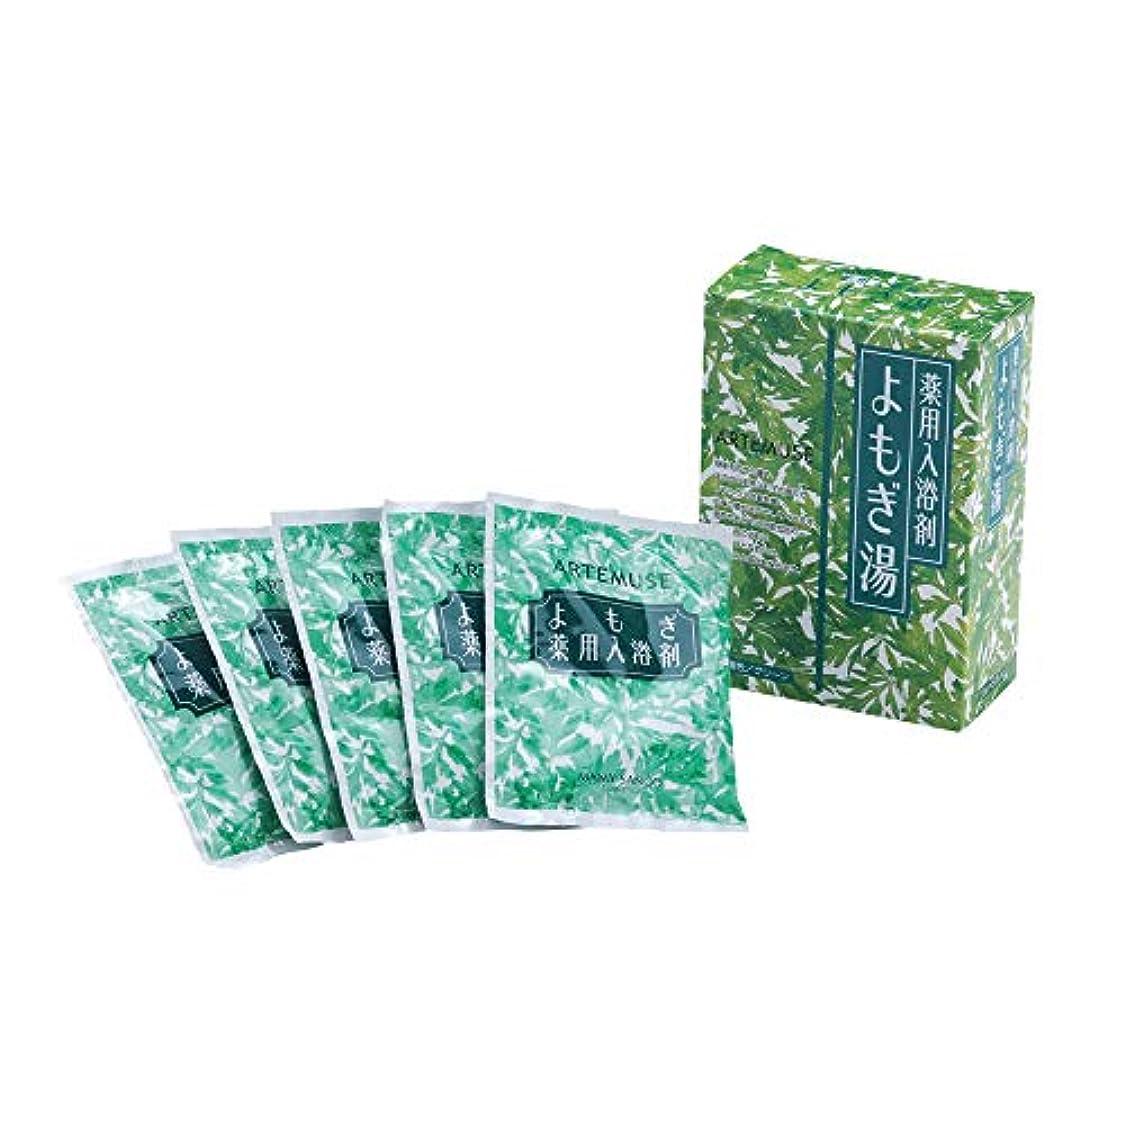 ポルトガル語何もないトマトマミーサンゴ よもぎ入浴剤 薬用バスソルトA [分包タイプ] 30g×5包入 (1箱)